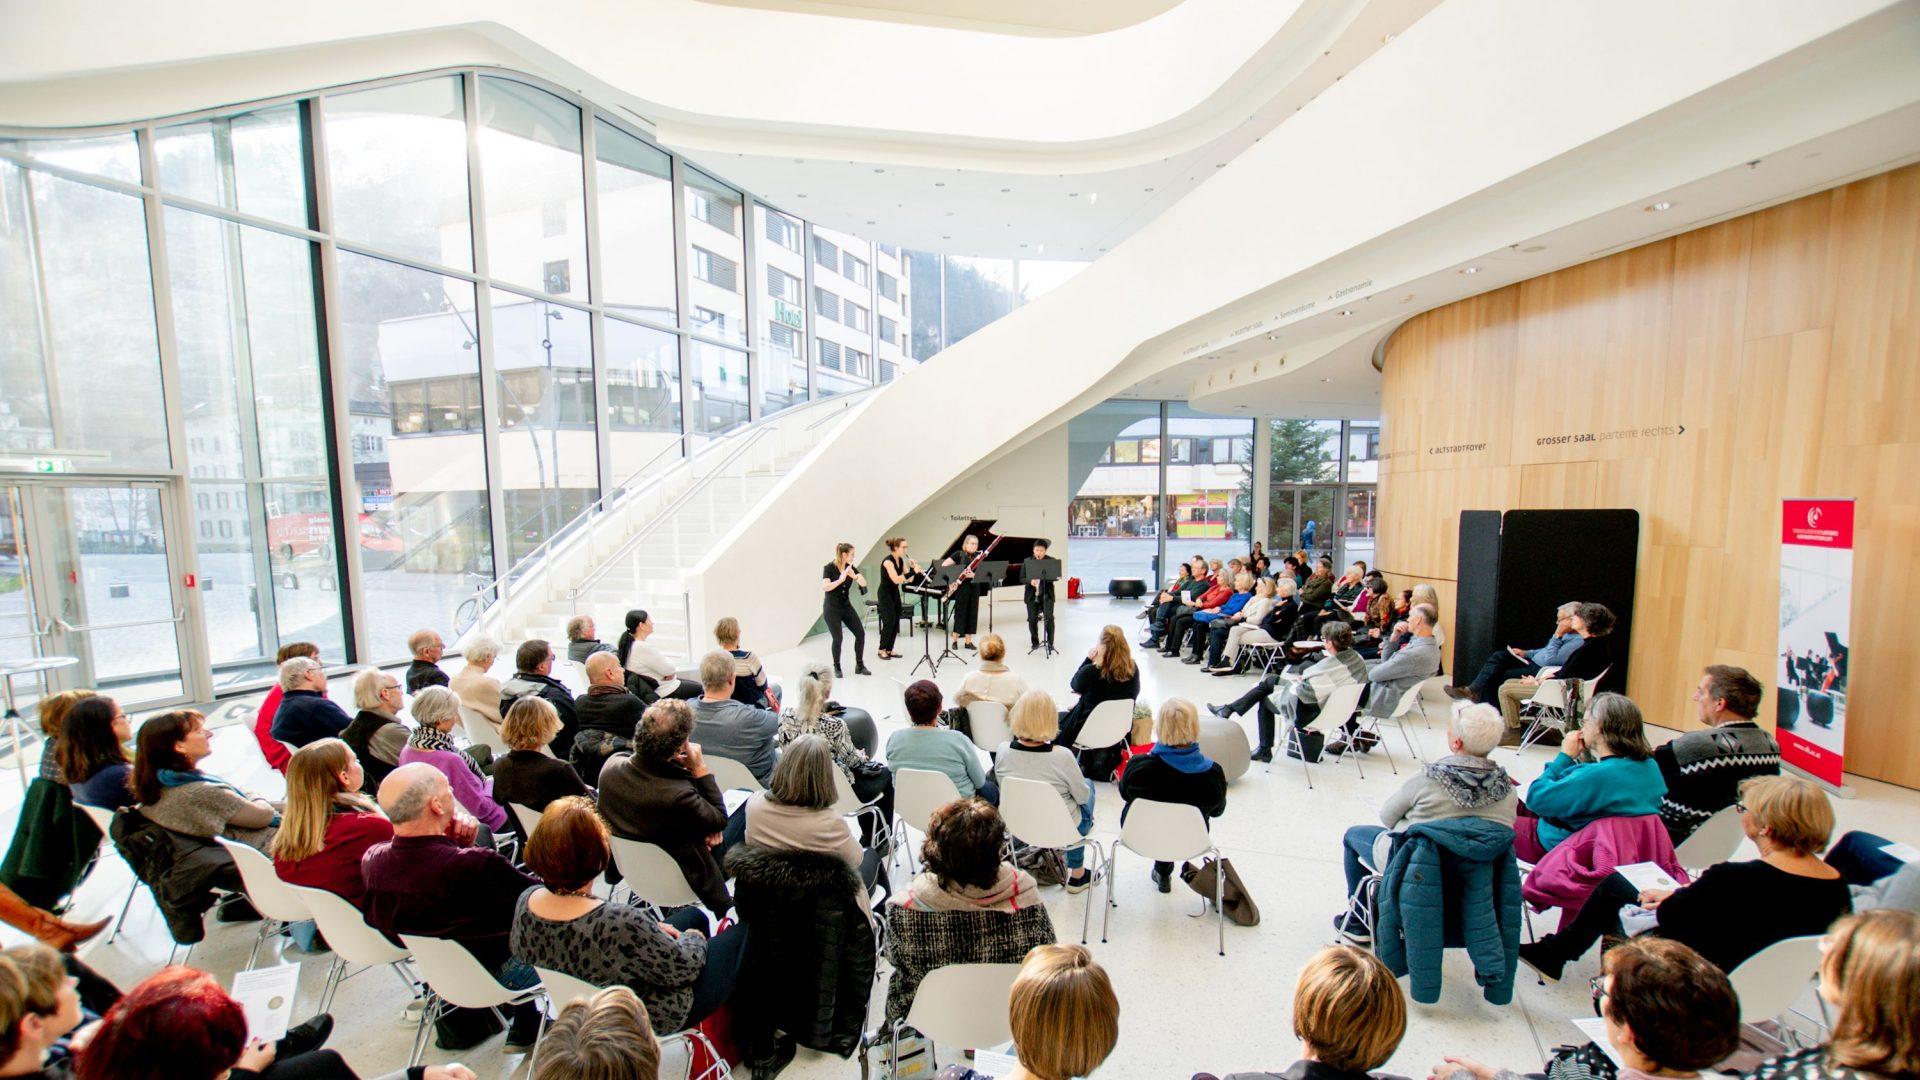 Konzert am Mittag, Montforthaus Feldkirch, Kultur Vorarlberg (c) Victor Marin / Vorarlberger Landeskonservatorium